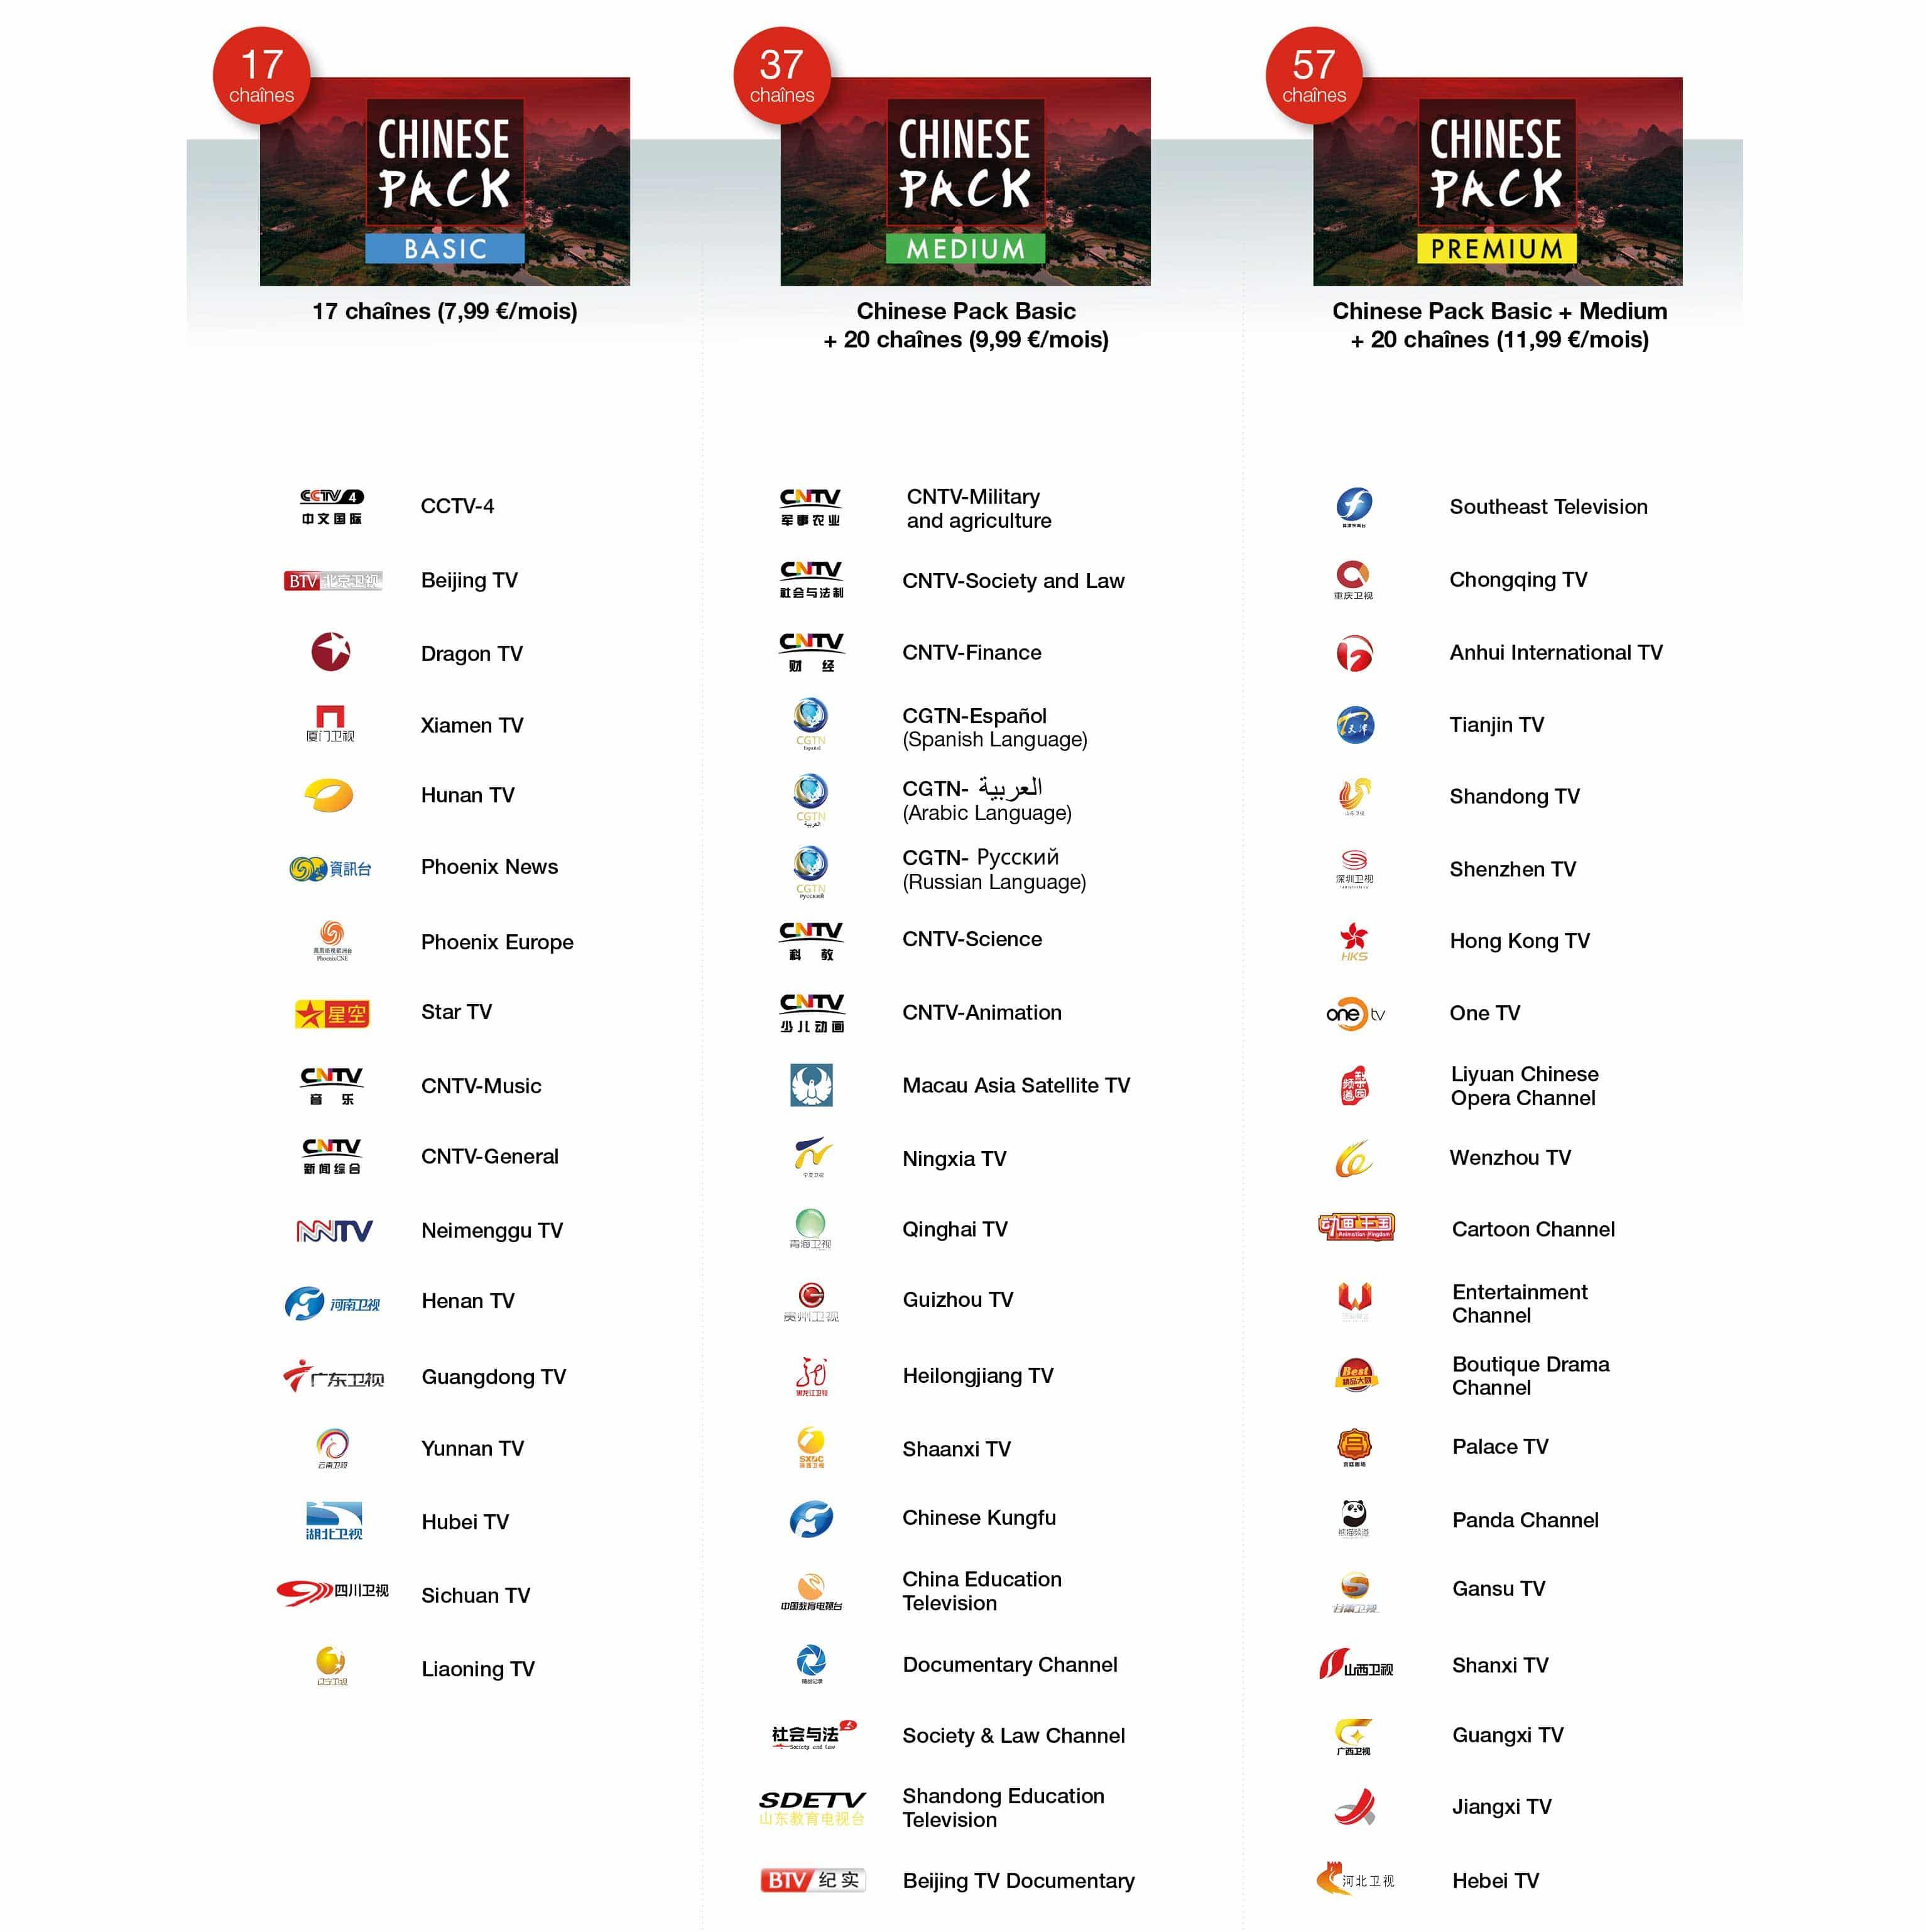 Free : 57 chaînes chinoises maintenant disponibles sur la Freebox